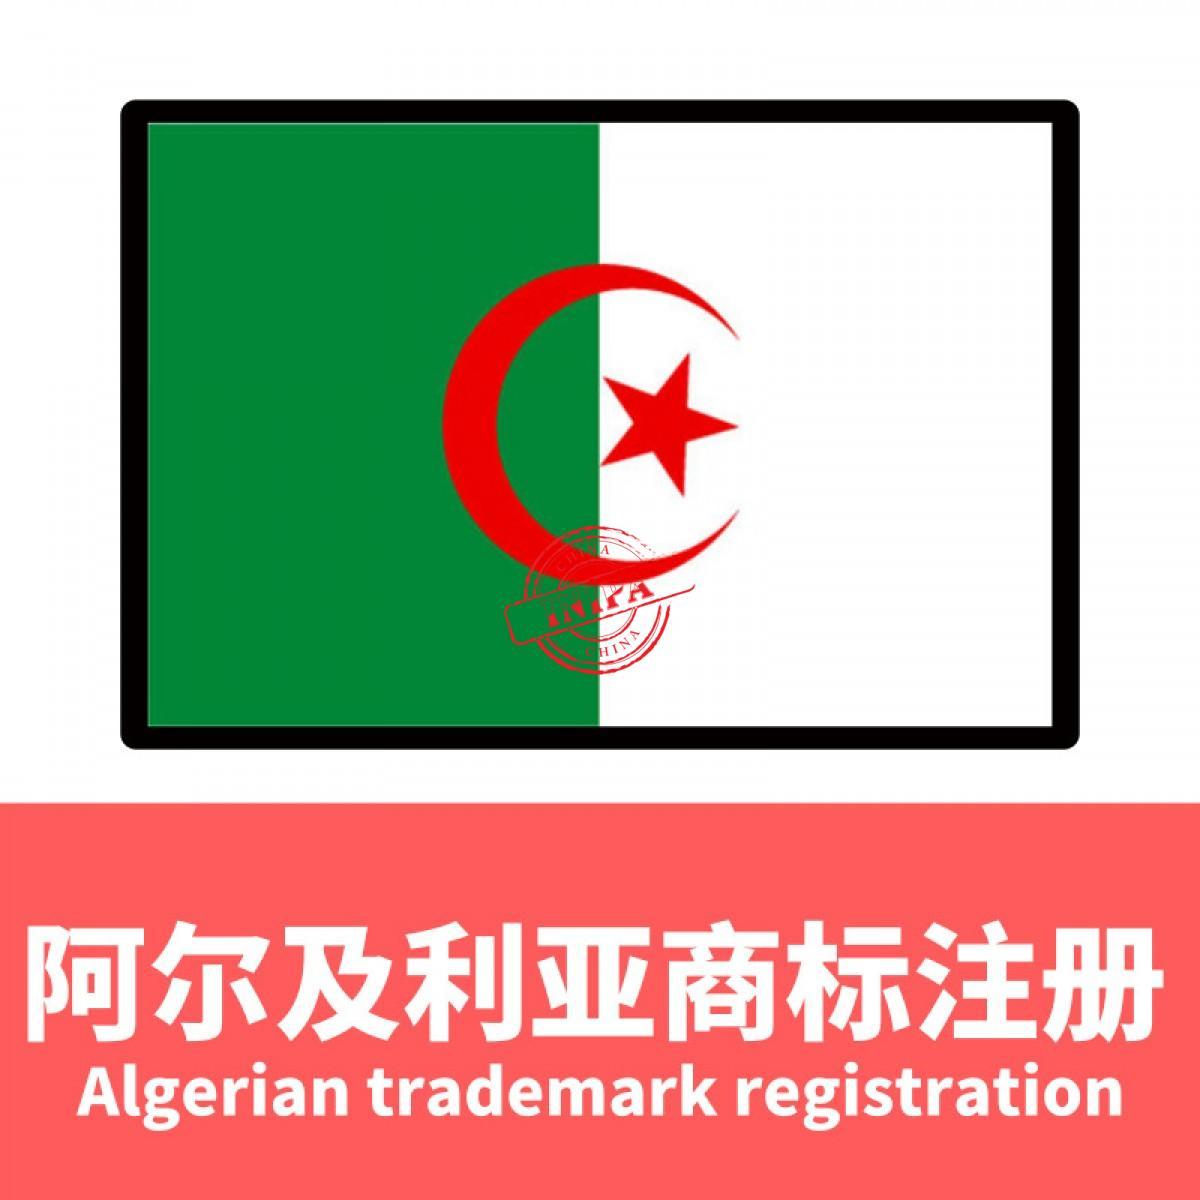 阿尔及利亚商标注册/Algeria trademark registration